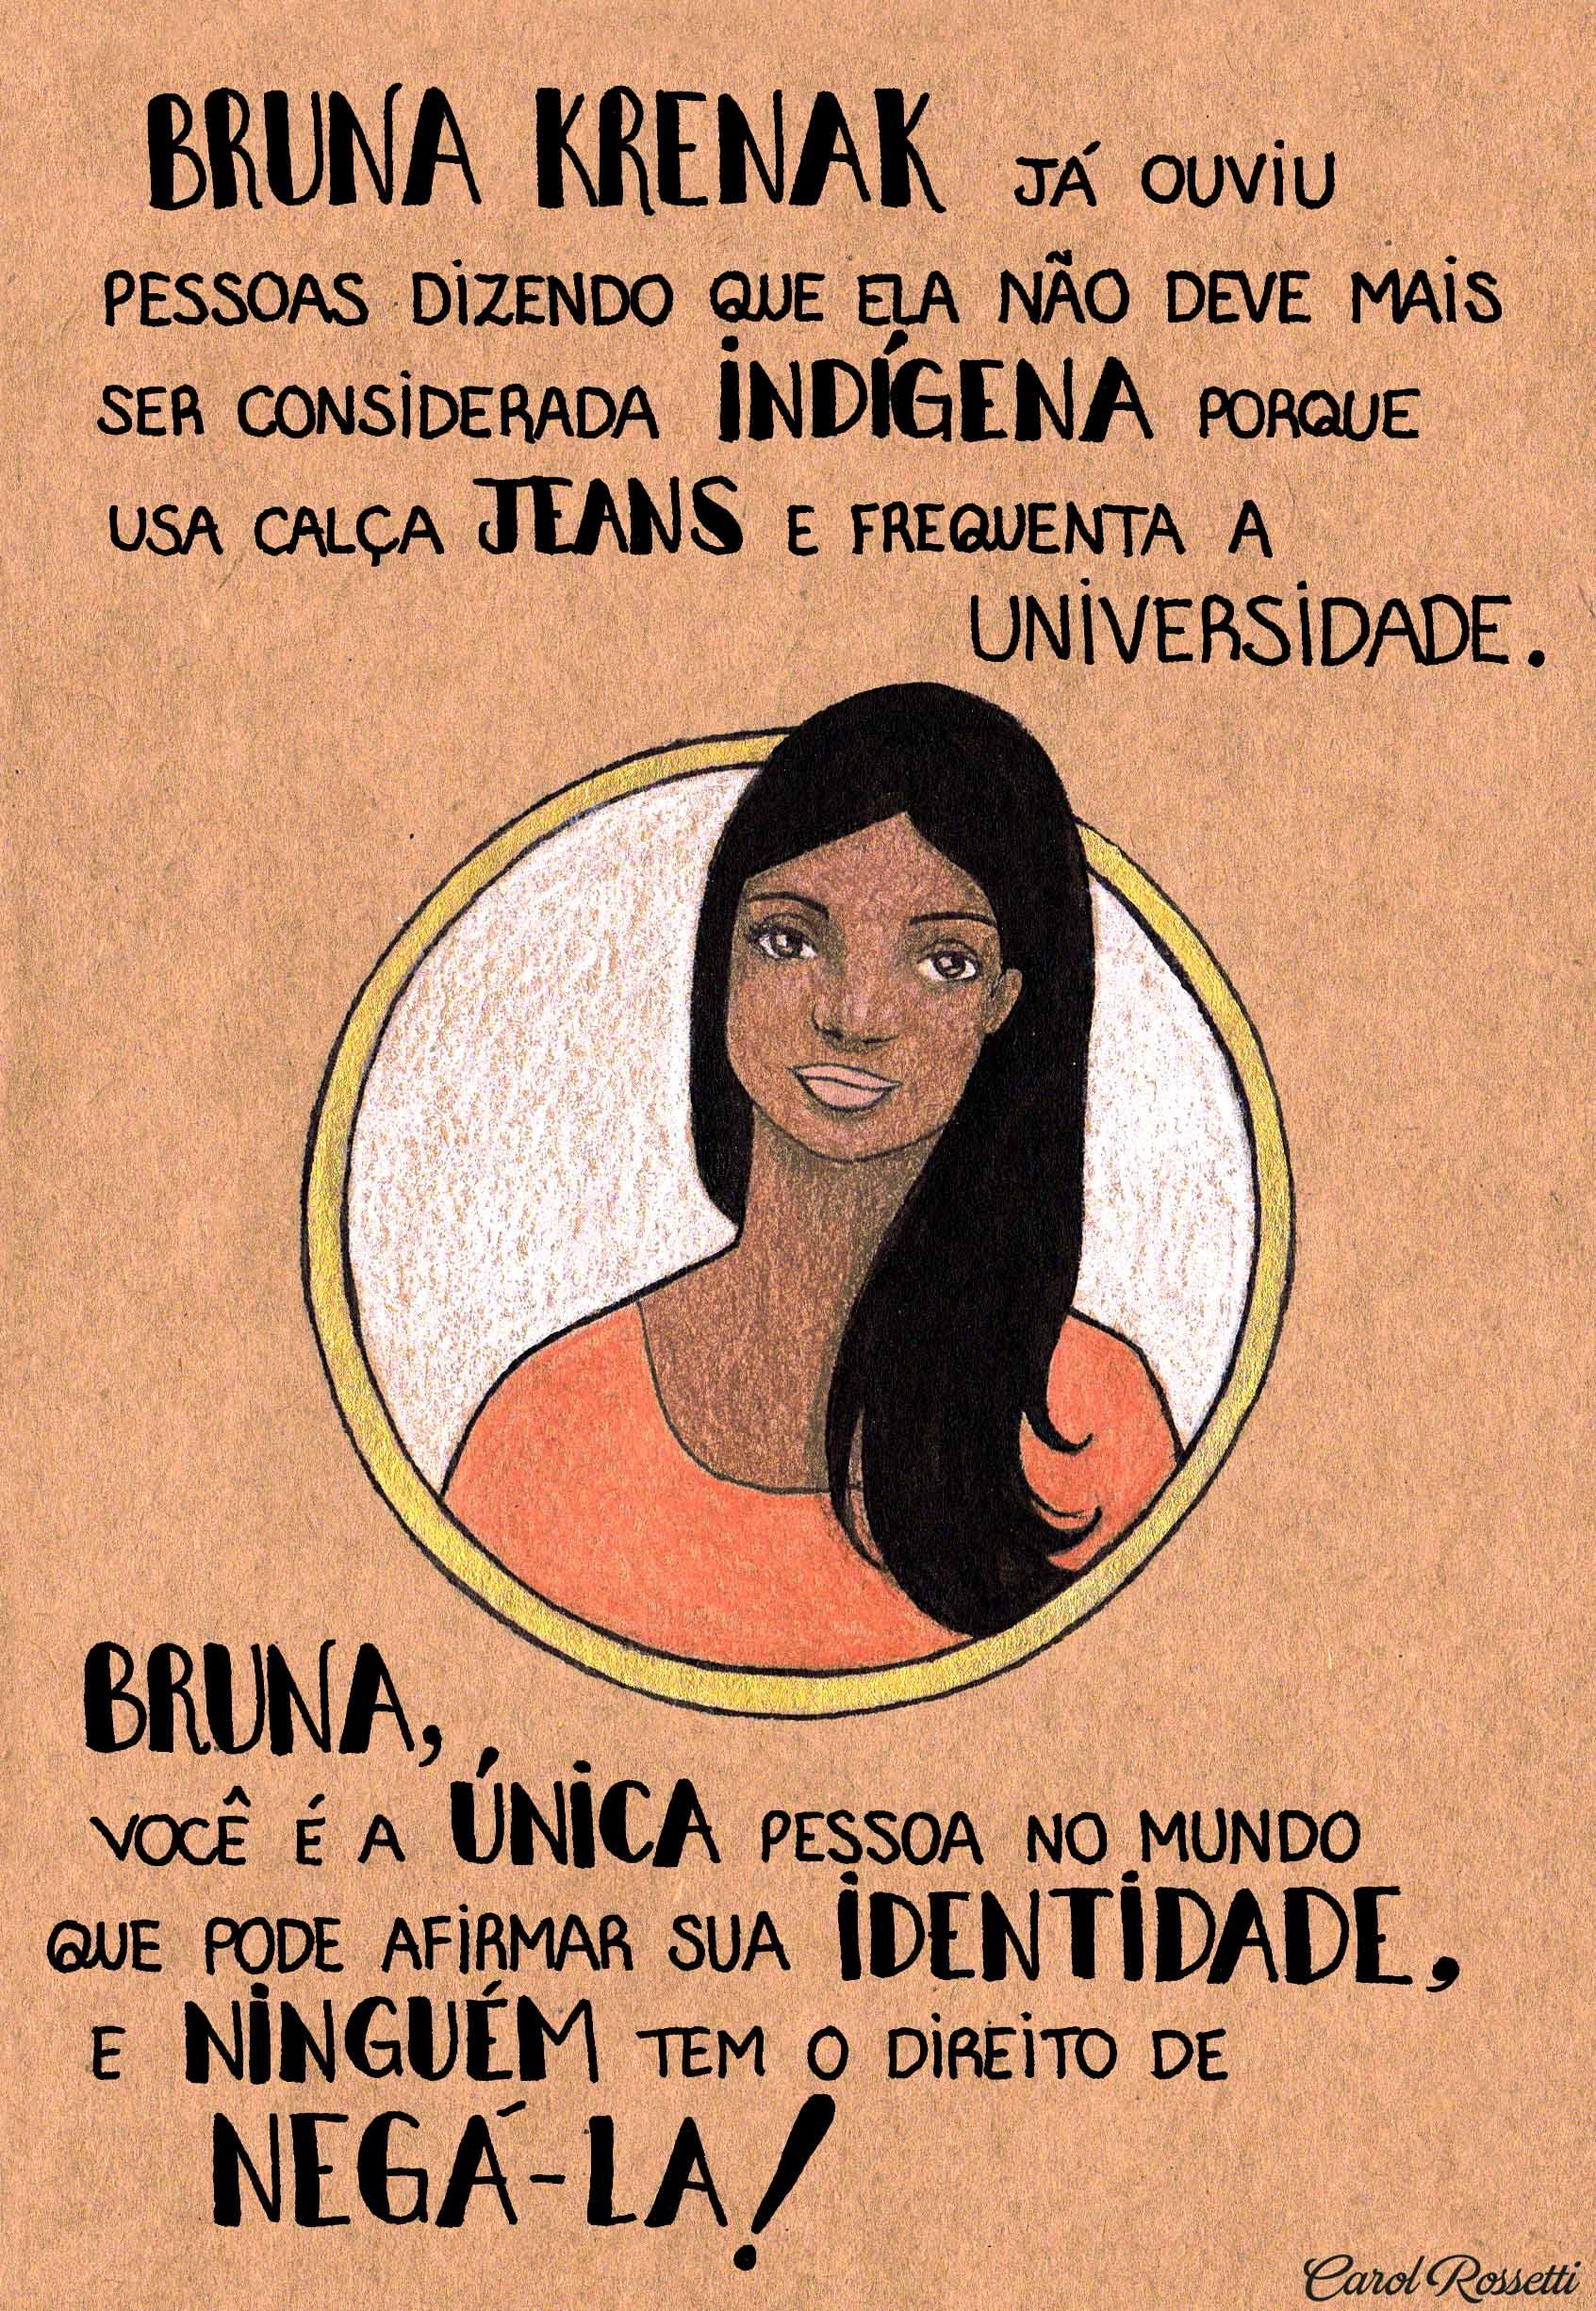 CR_BRUNA.jpg